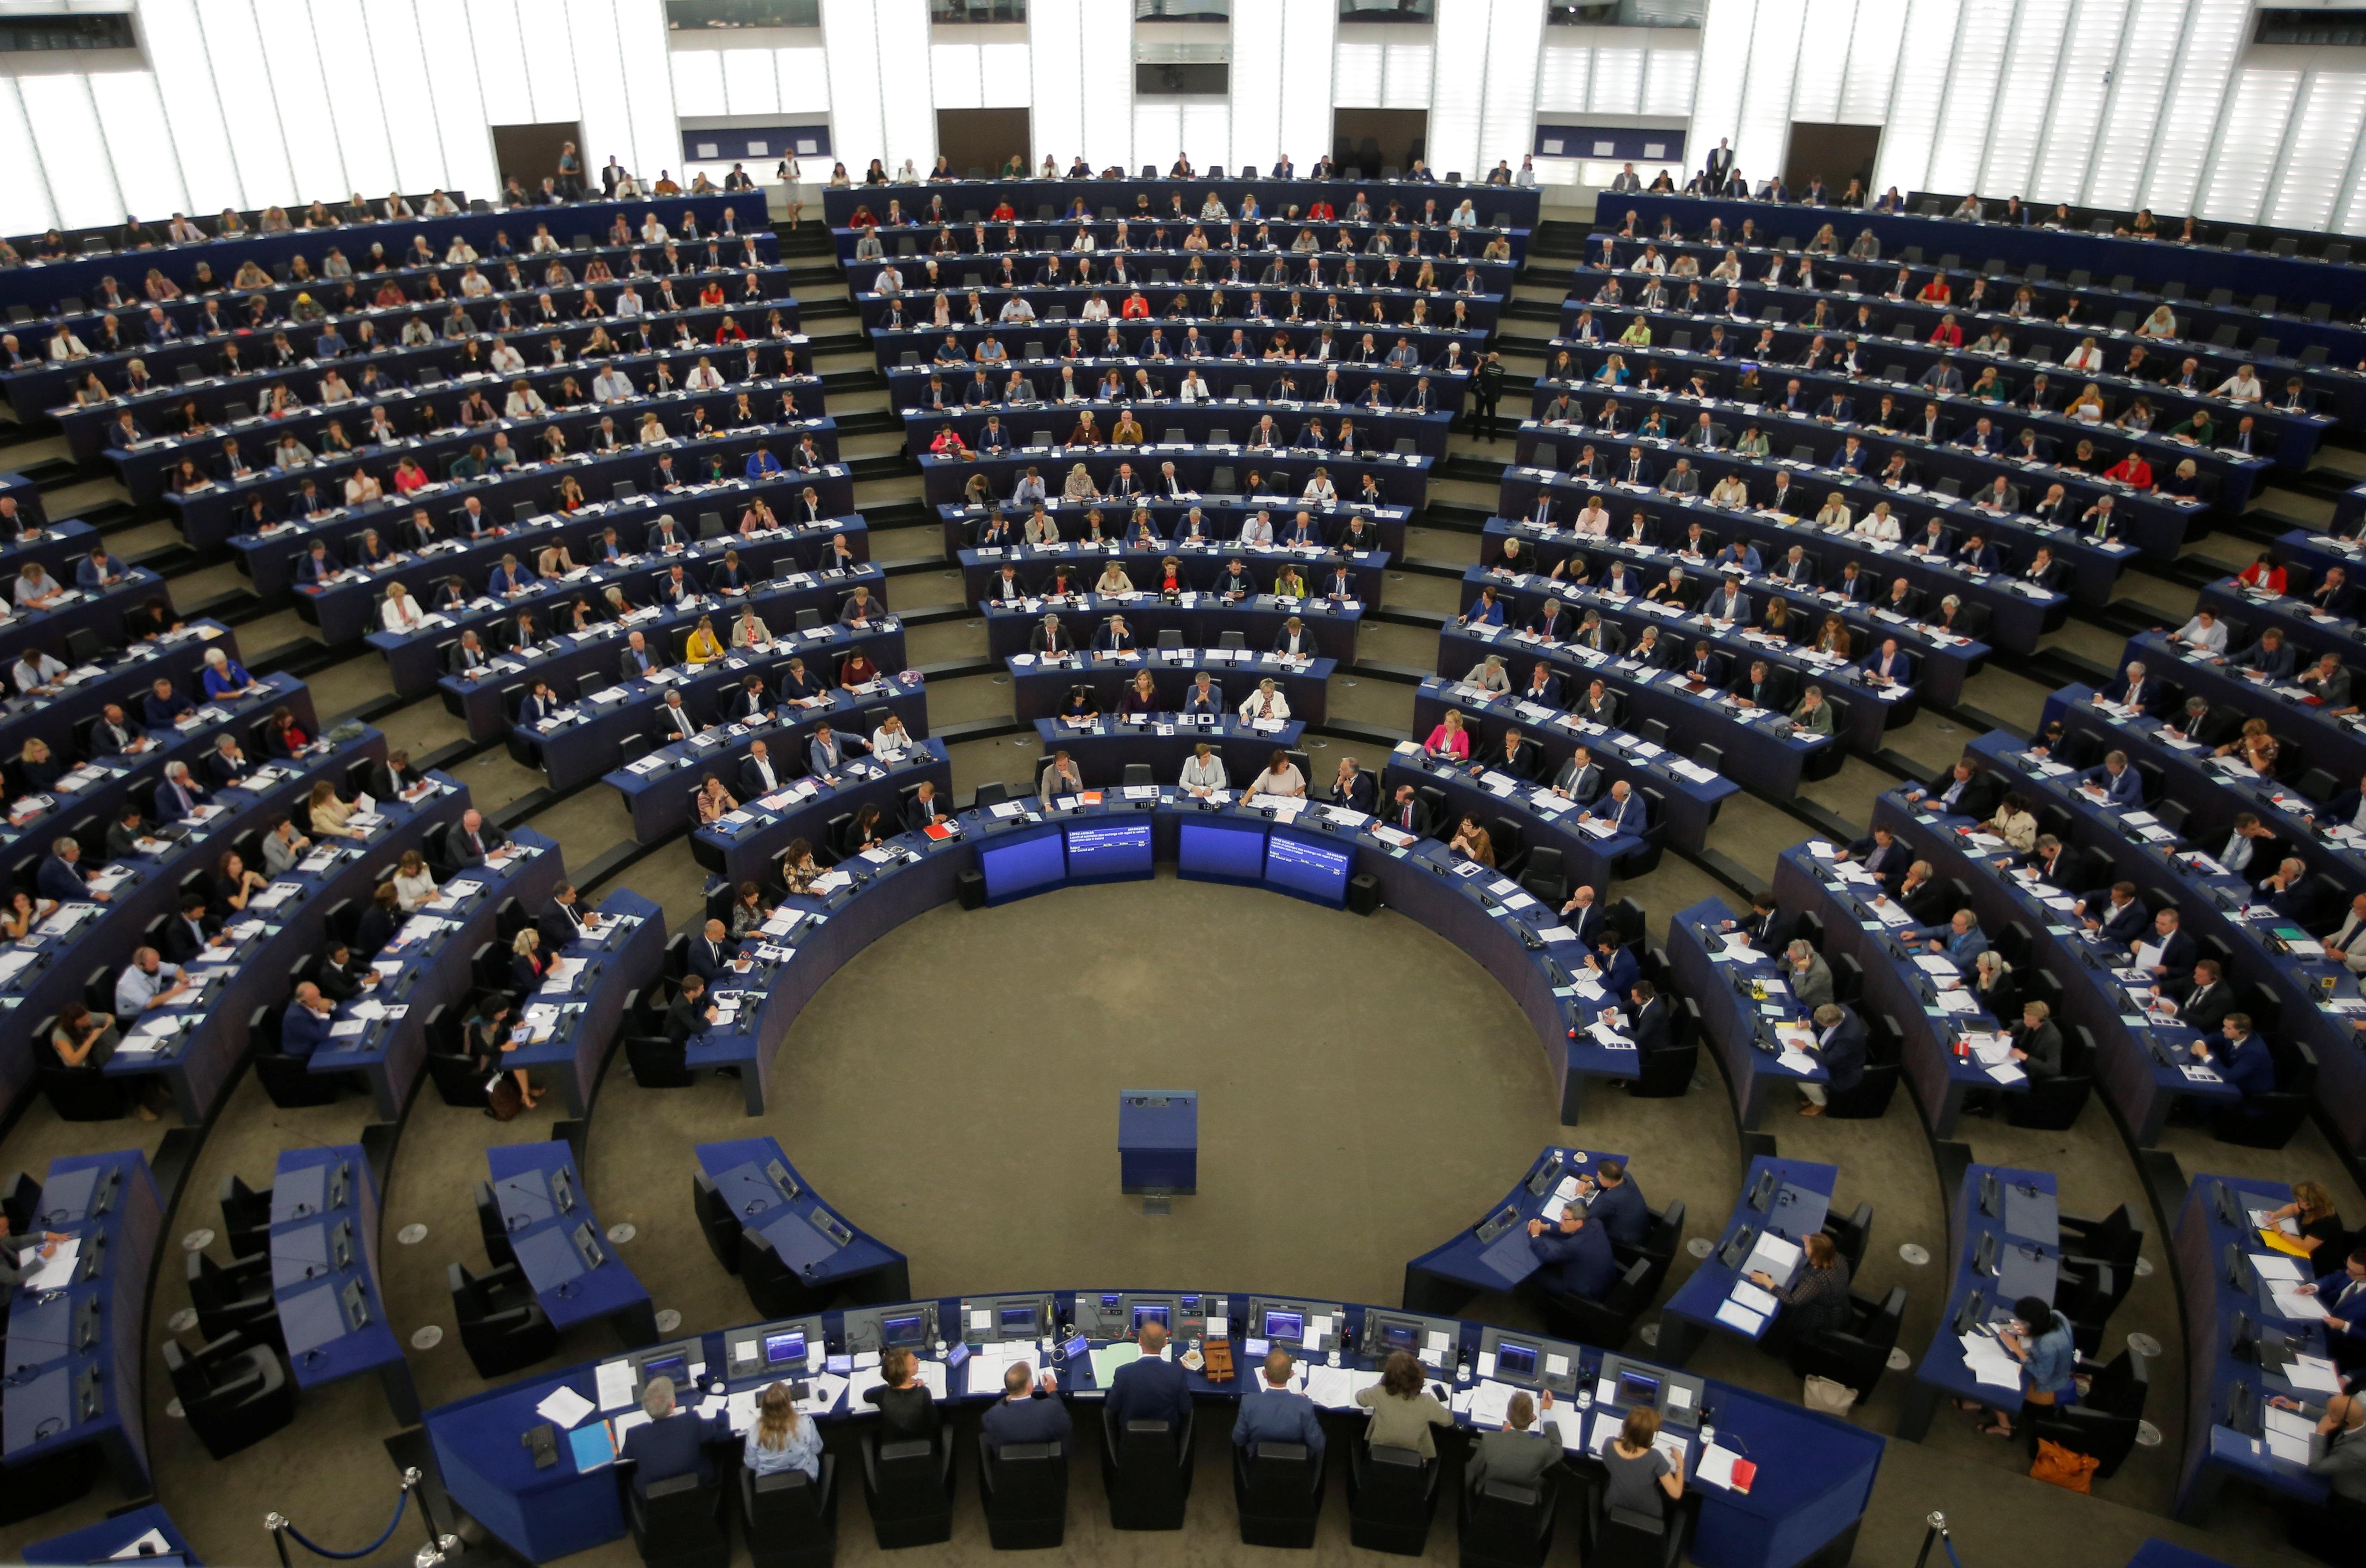 Το Ευρωπαϊκό Κοινοβούλιο αποφασίζει για το Brexit! video